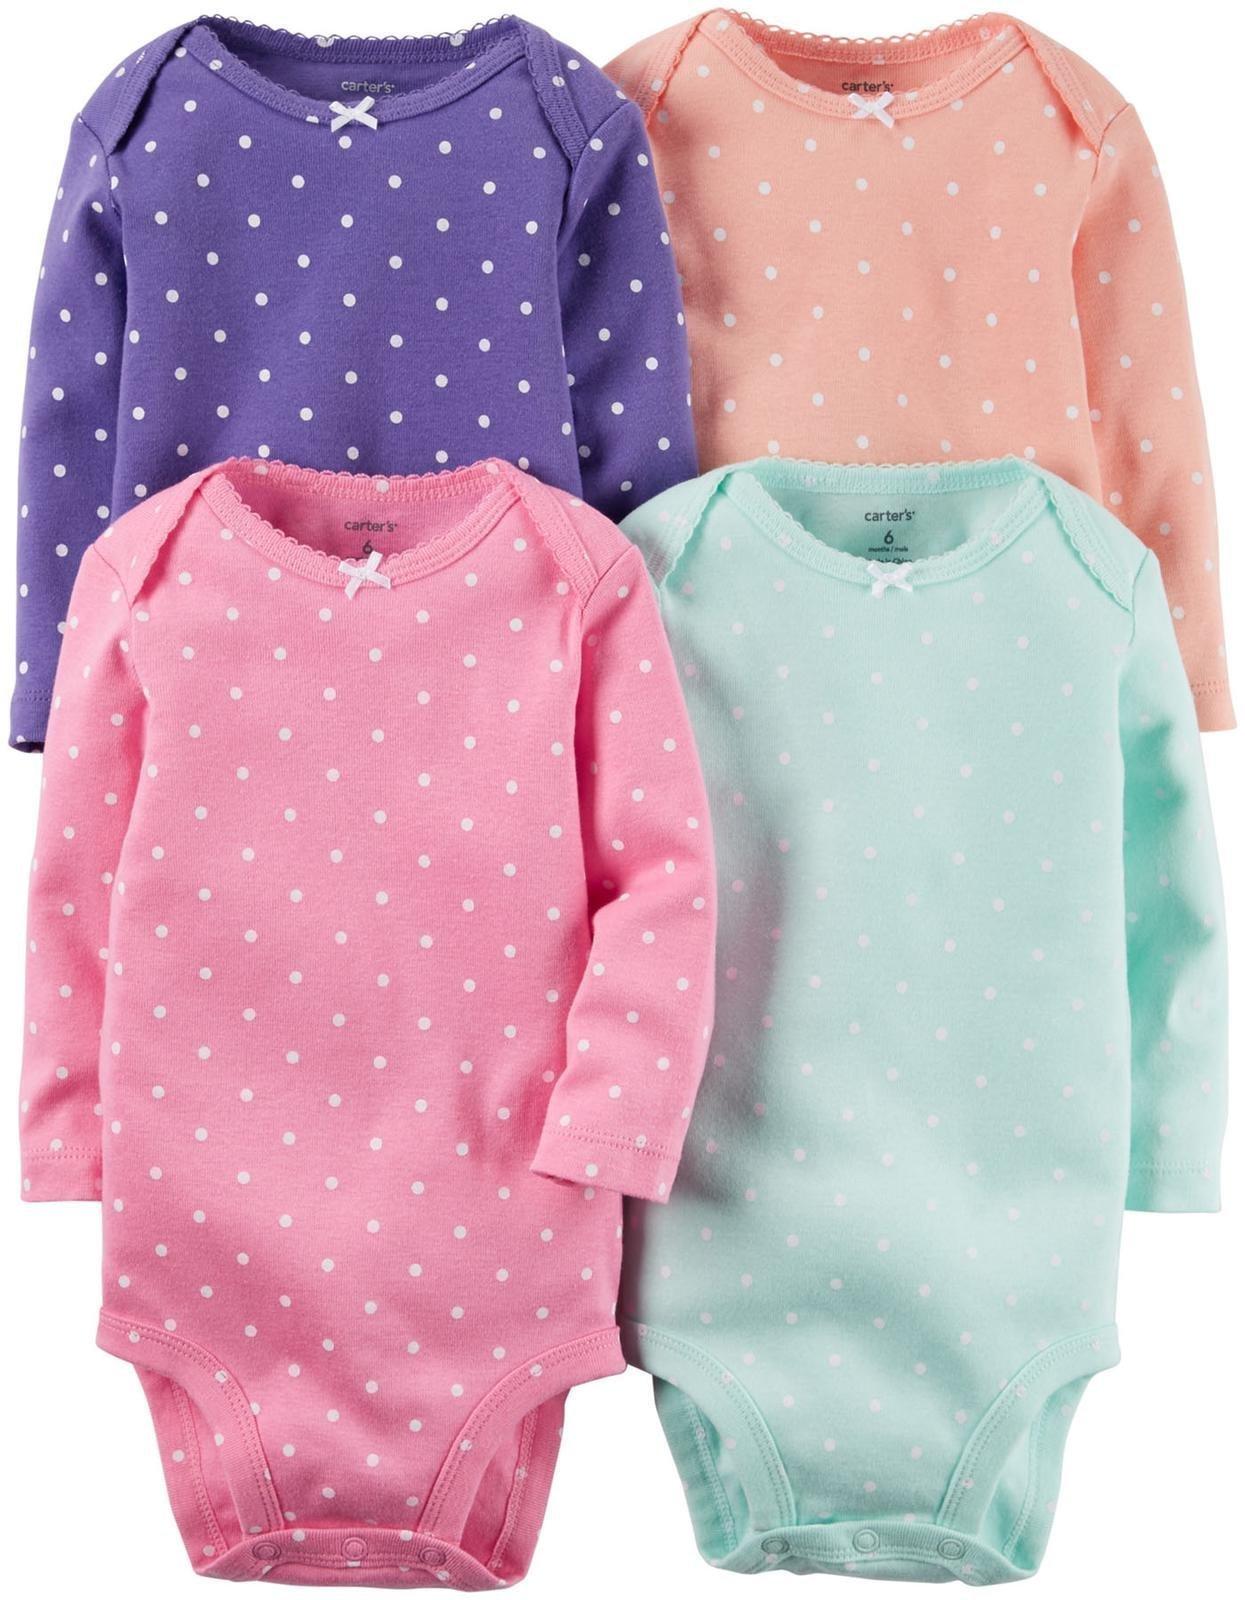 Carter's Baby Girls' Multi-pk Bodysuits 126g336